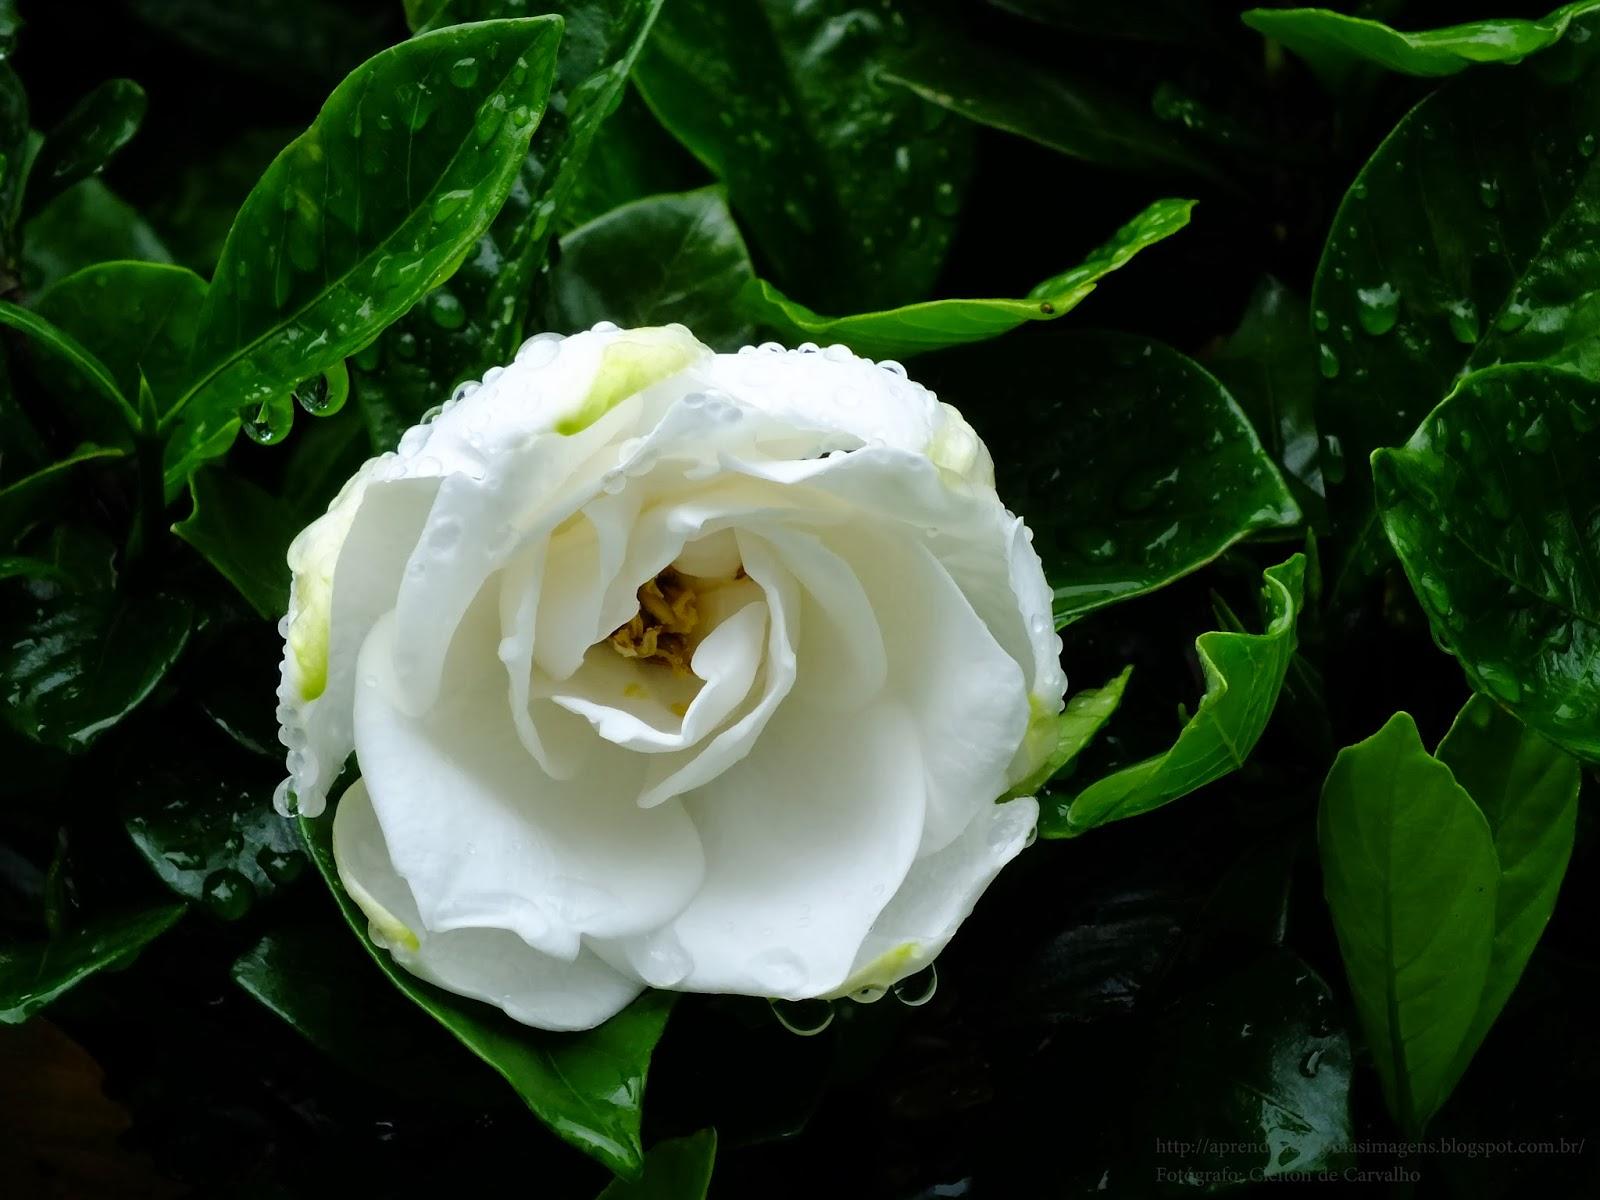 http://aprendendocomasimagens.blogspot.com/2013/12/a-vida-em-seu-ciclo-em-pedido-de-paz.html - A Natureza em um sngelo momento, deixa um pedido de Paz através de uma Formosura... Com a cor da Paz e o ciclo da Vida, ela deixa um recado... Que nesse próximo ano, seja como essa Lindeza... Simples, Humilde, Serena,... Que possamos aprender cada vez mais com a simplicidade e o Amor. Que 2014 Venha ser um ano florido, colorido, simplório...